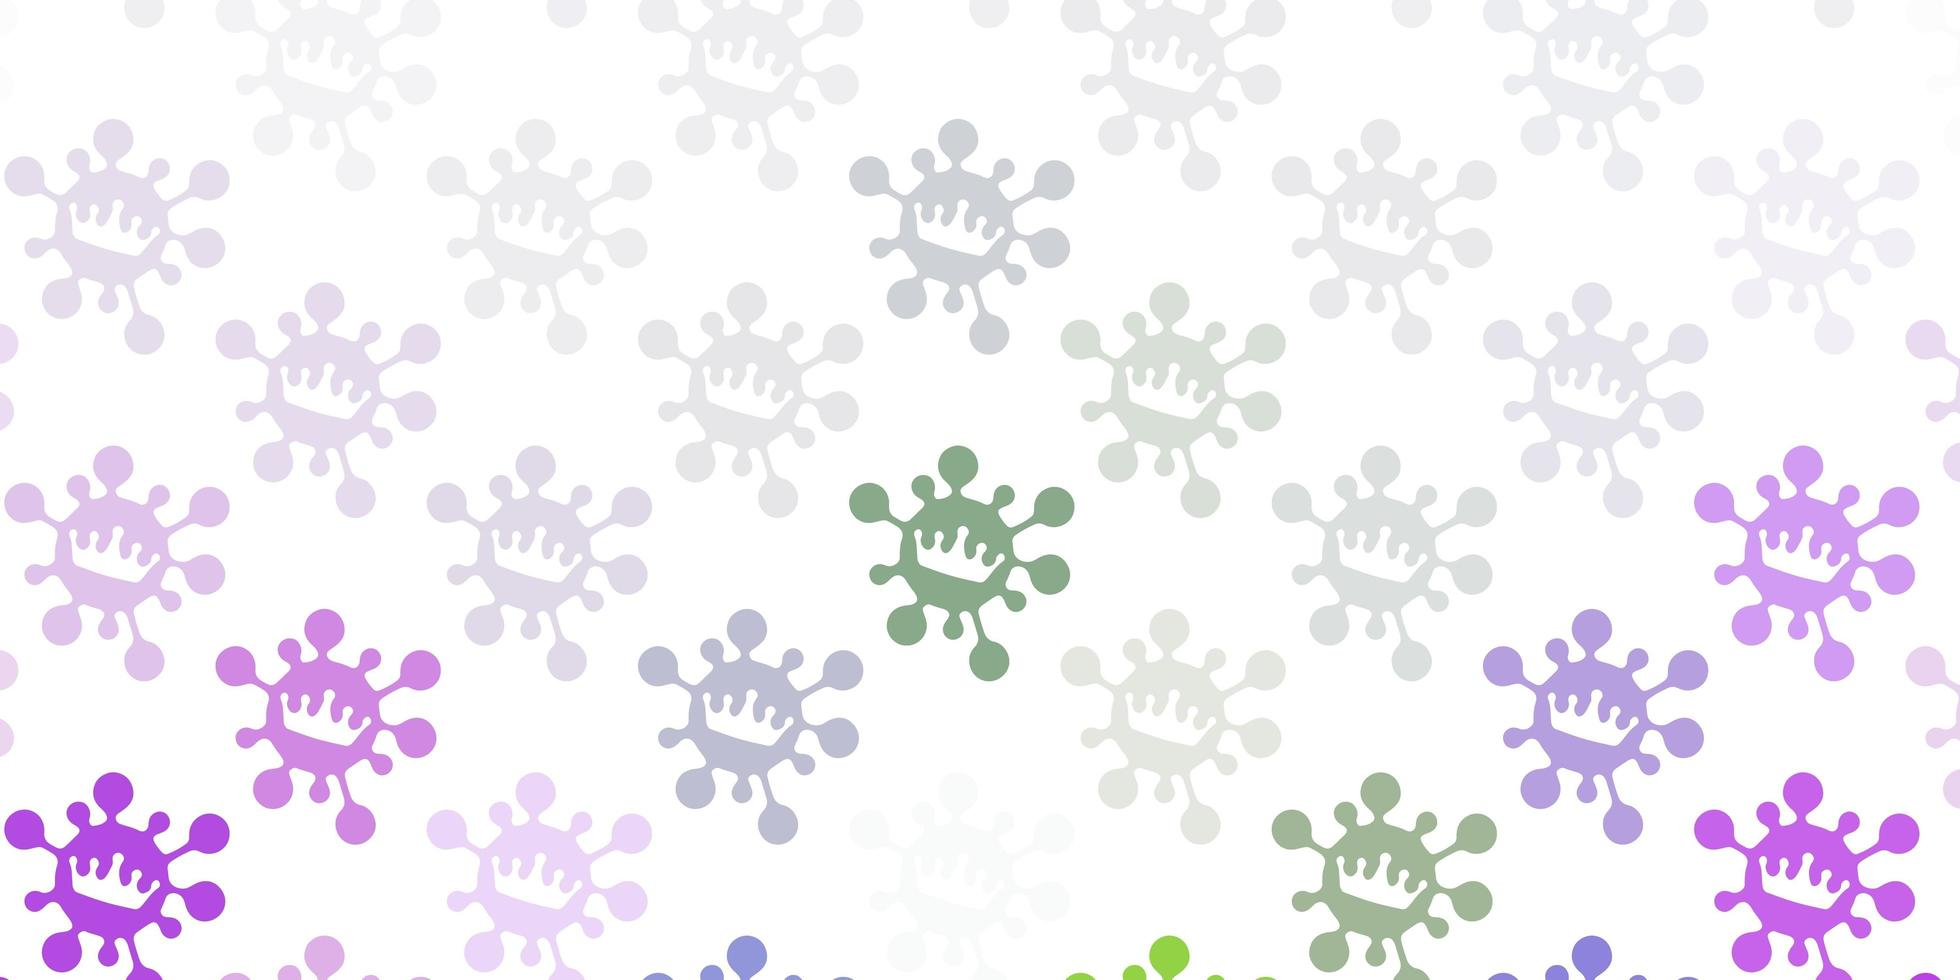 toile de fond de vecteur rose clair et vert avec symboles de virus